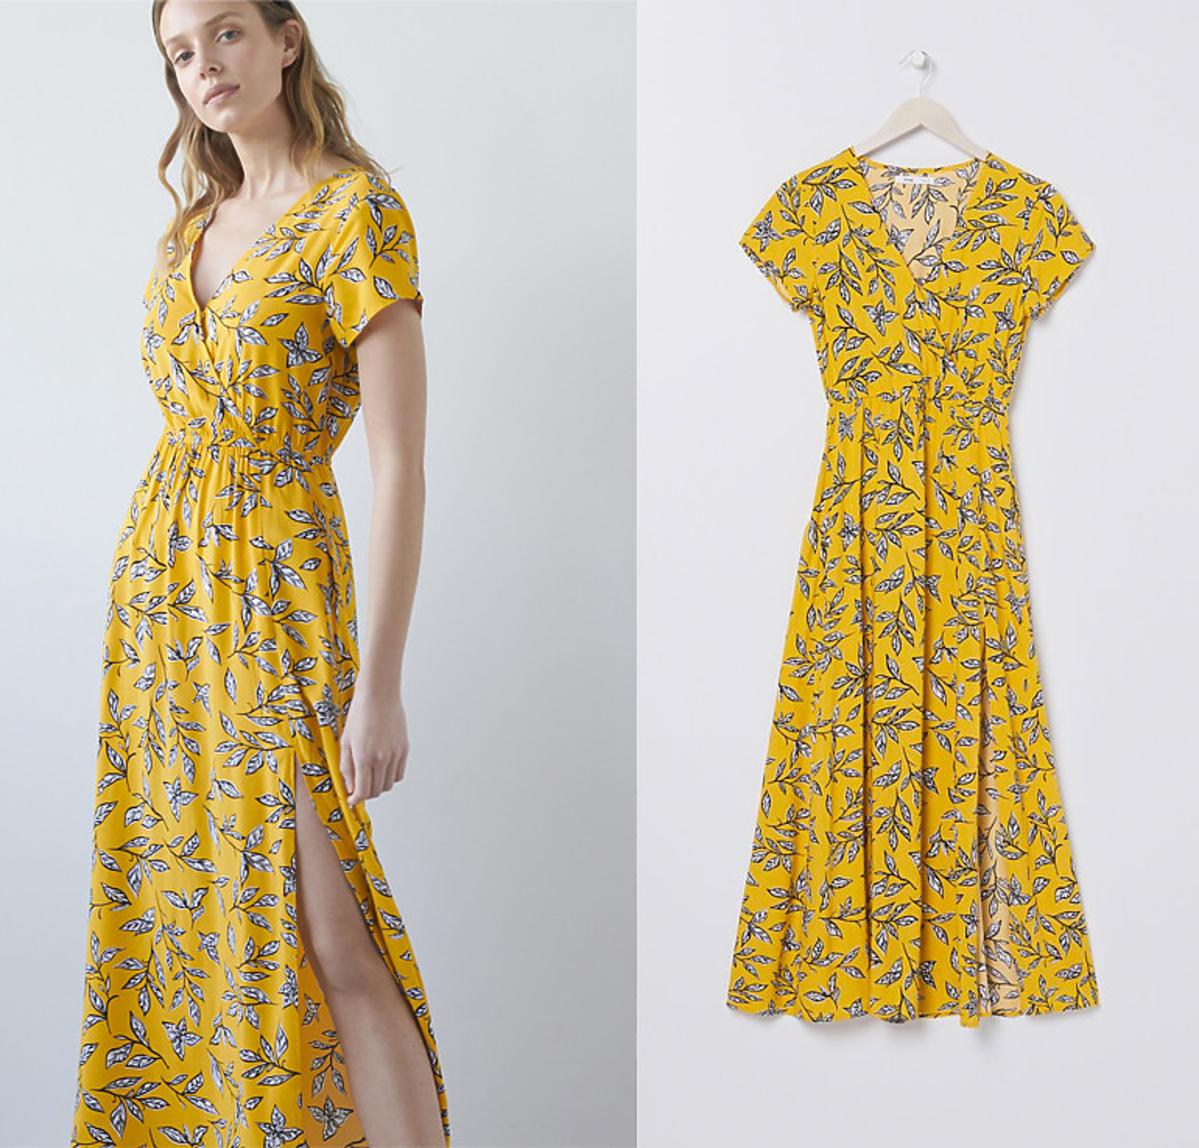 Sukienka maxi z kopertowym dekoltem, Sinsay, 59,99 zł